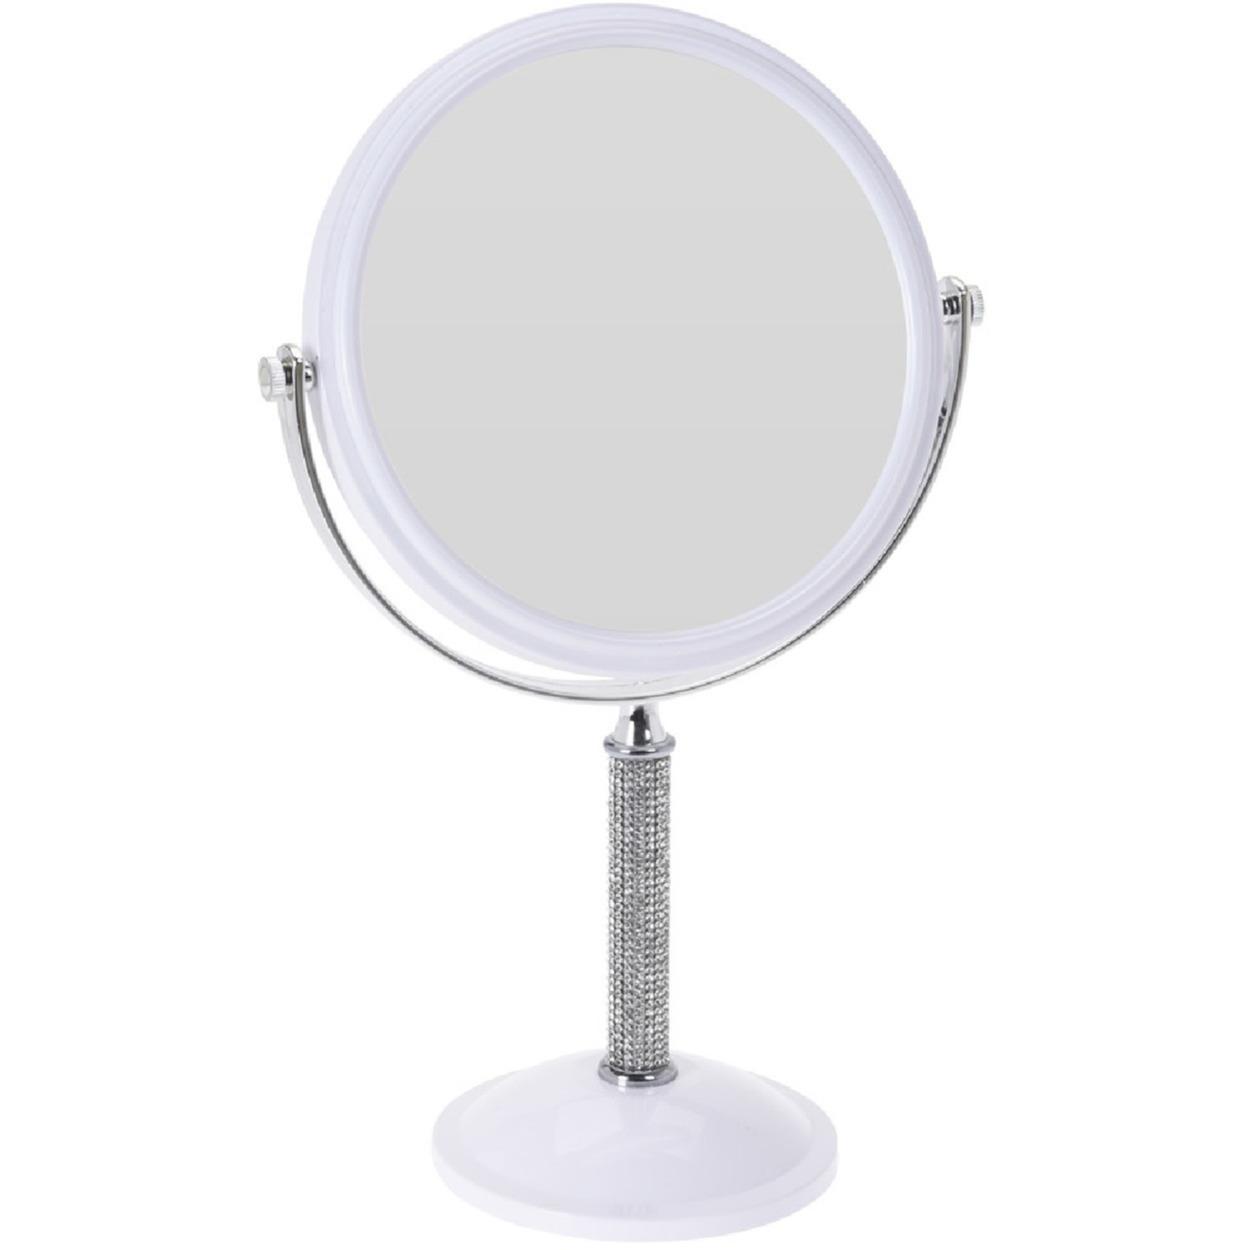 Witte make up spiegel met strass steentjes rond dubbelzijdig 17 5 x 33 cm